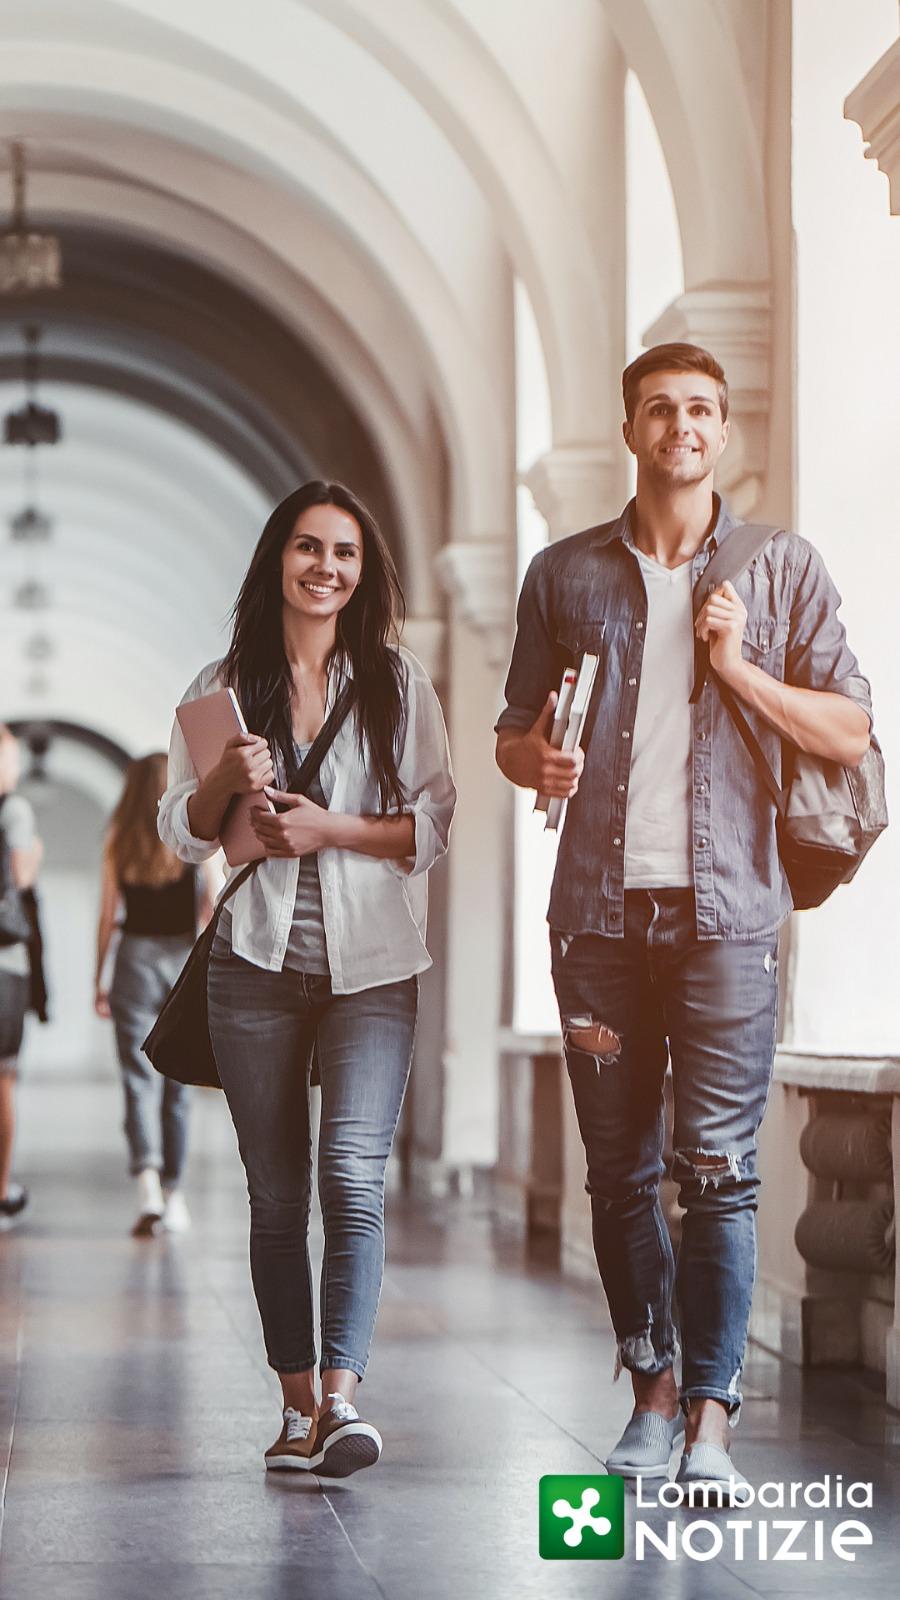 Borse di studio università, definiti criteri. 62,4 milioni di finanziamenti